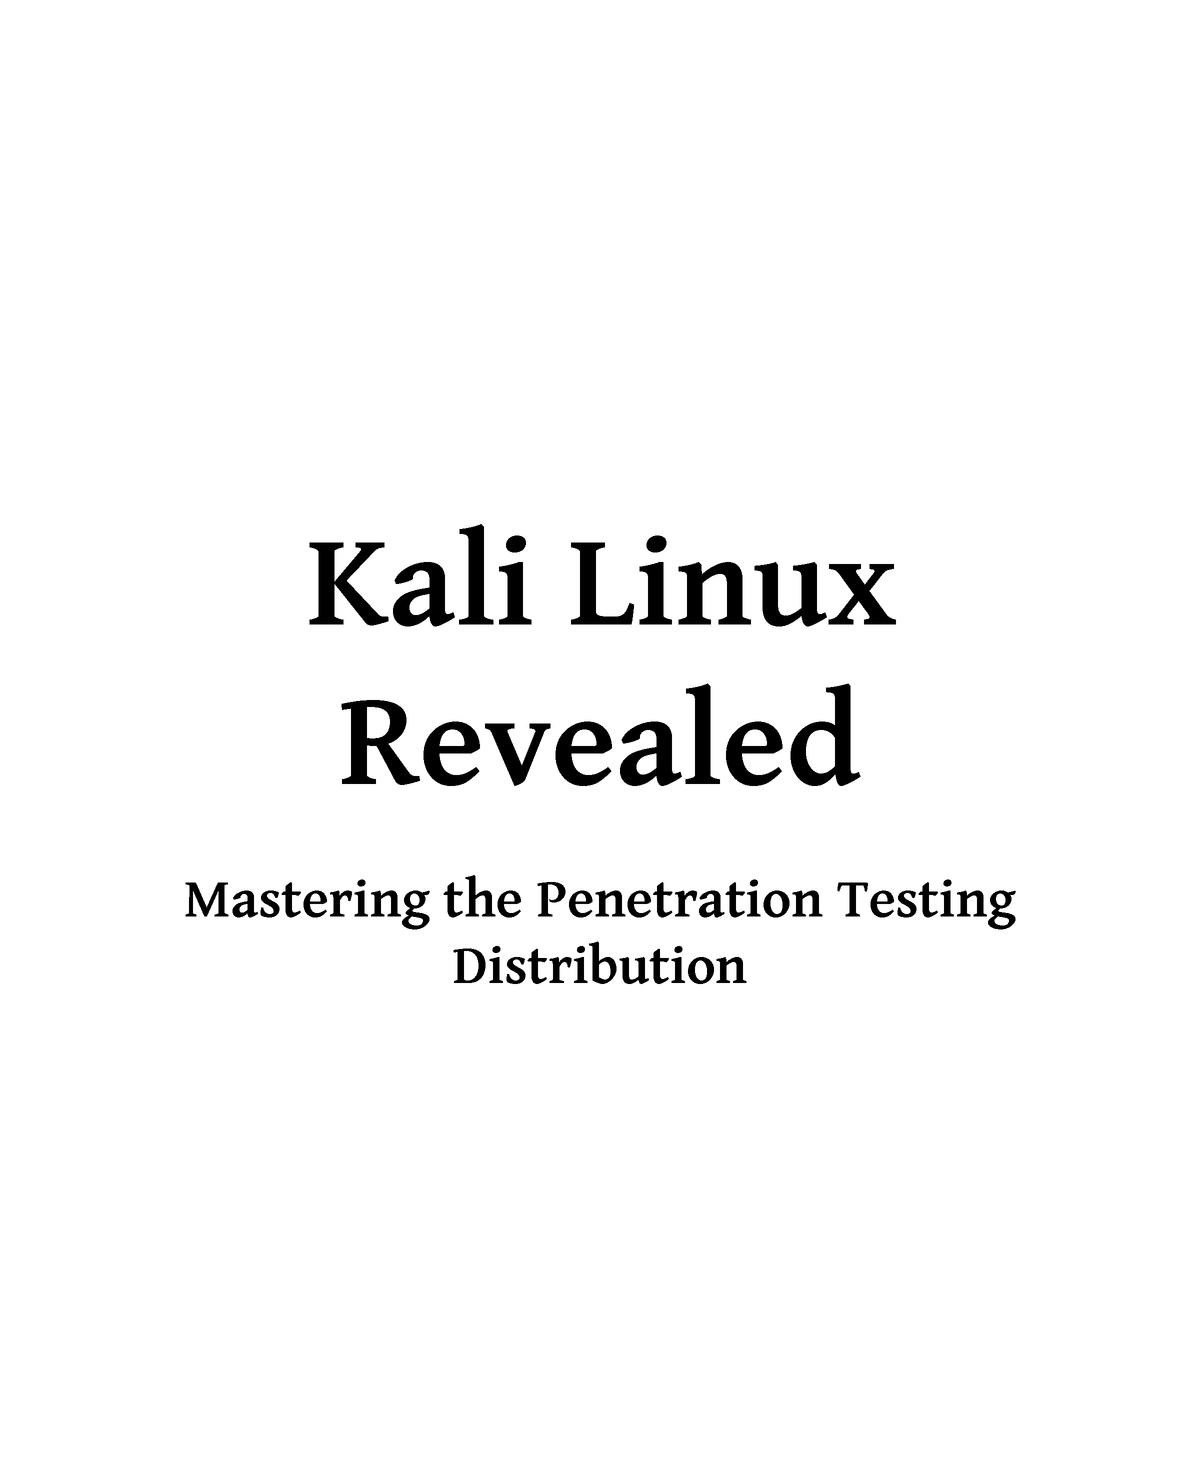 Kali Linux Revealed 1st edition - Electronics Engineering